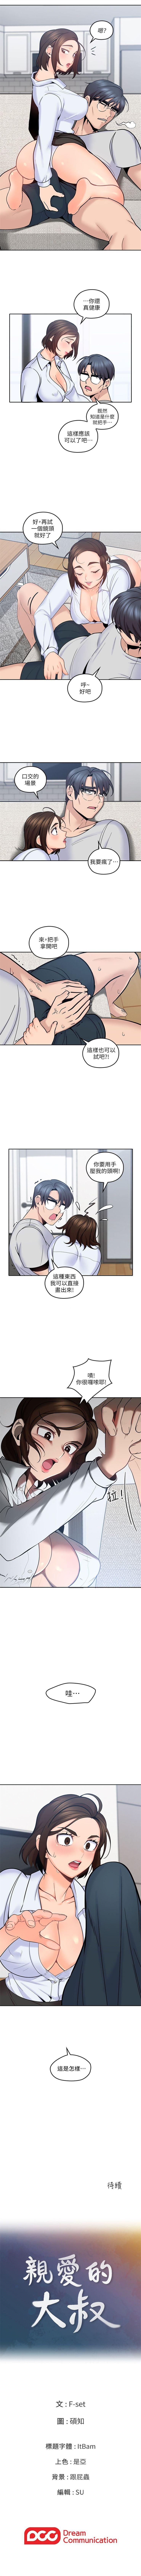 (週4)親愛的大叔 1-39 中文翻譯(更新中) 71